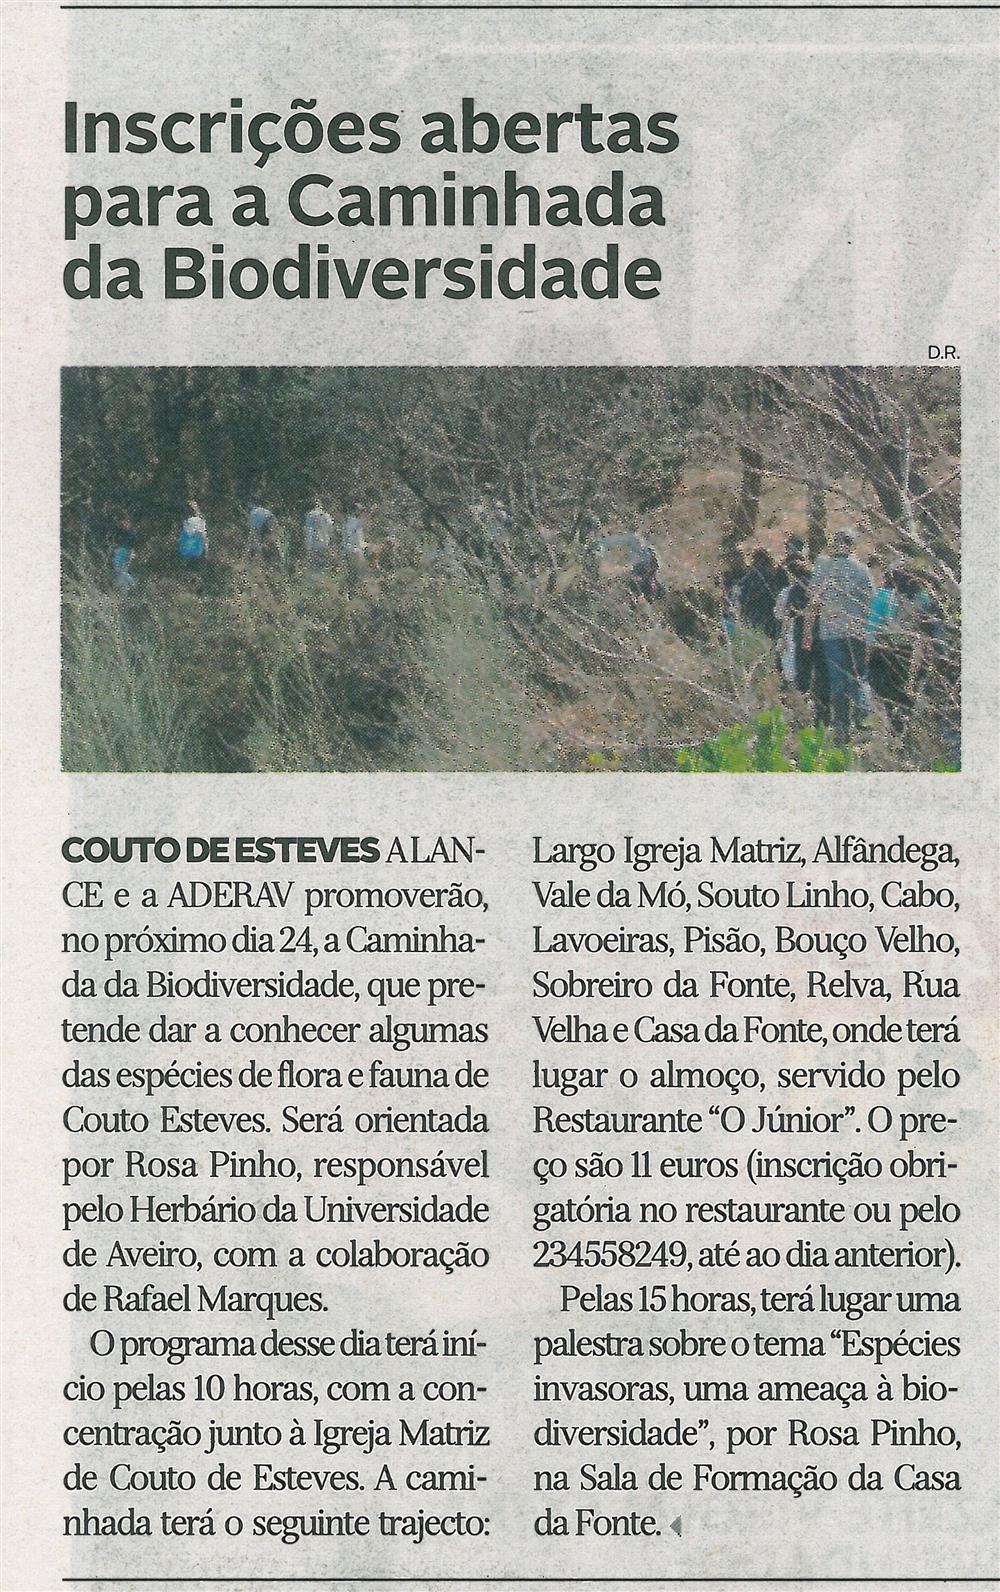 DA-12abr.'16-p.14-Inscrições abertas para a Caminhada da Biodiversidade.jpg